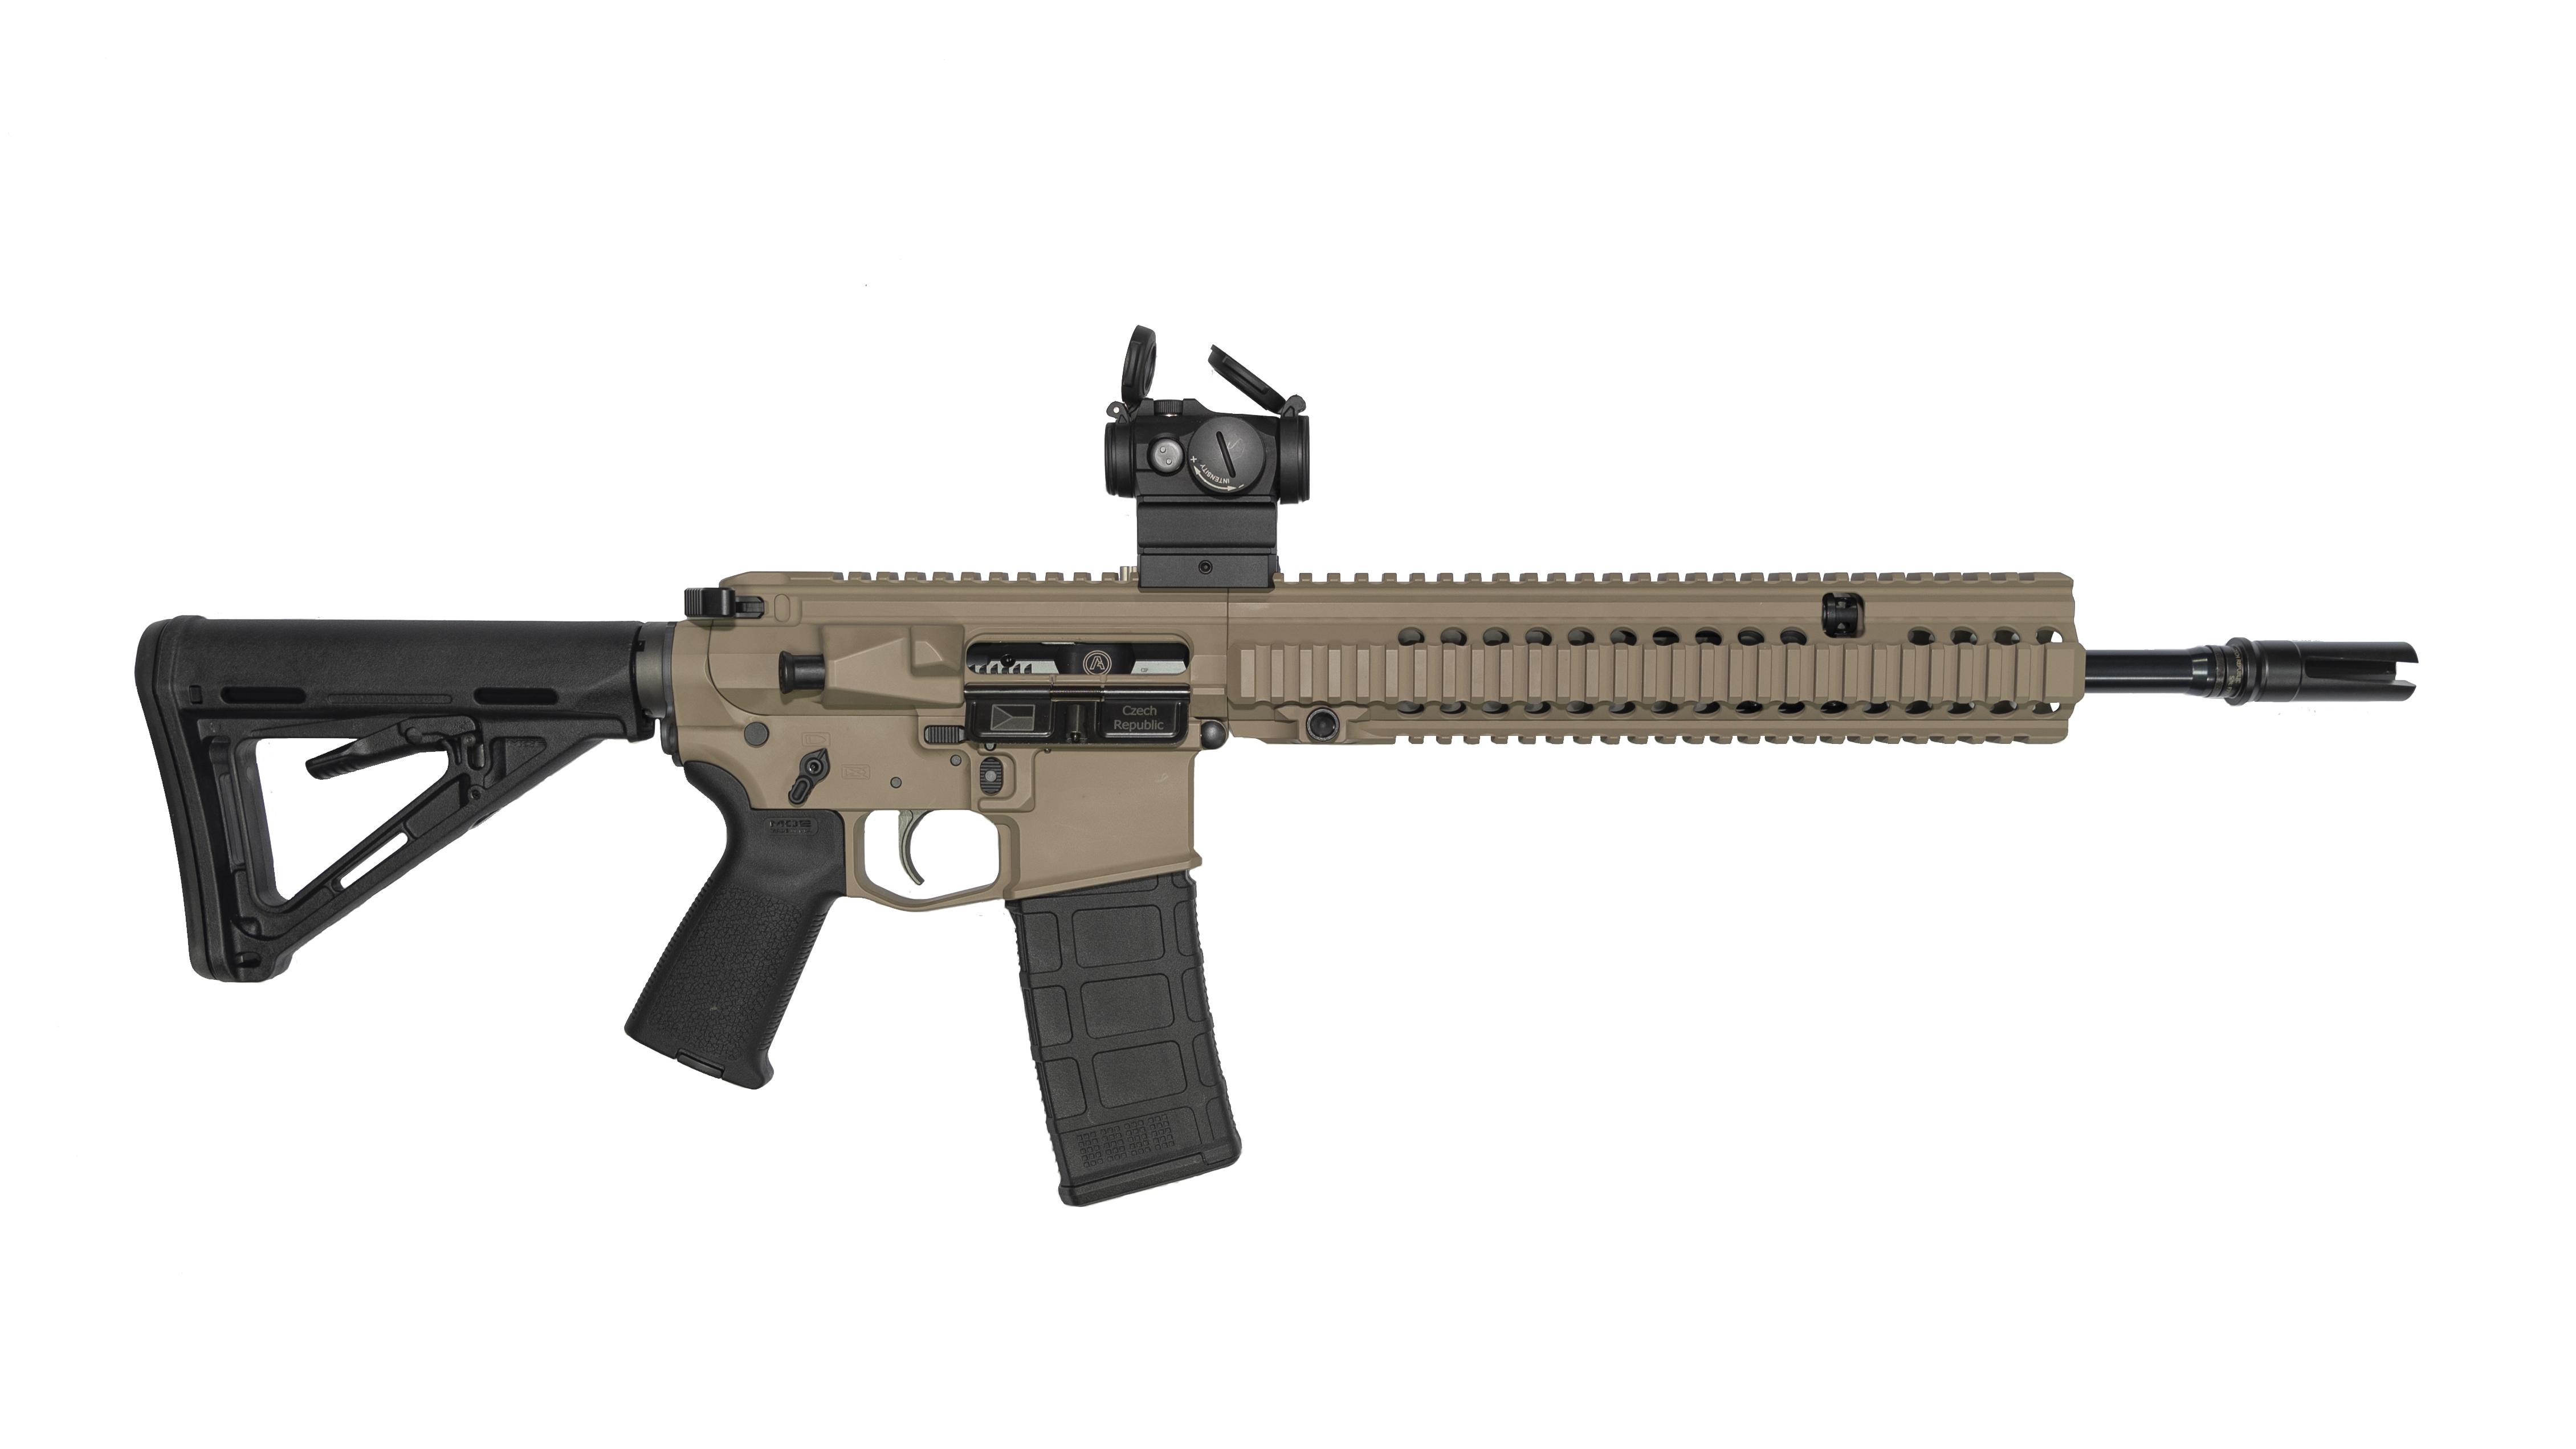 _vyrp15_65ARS-M4s-4Q